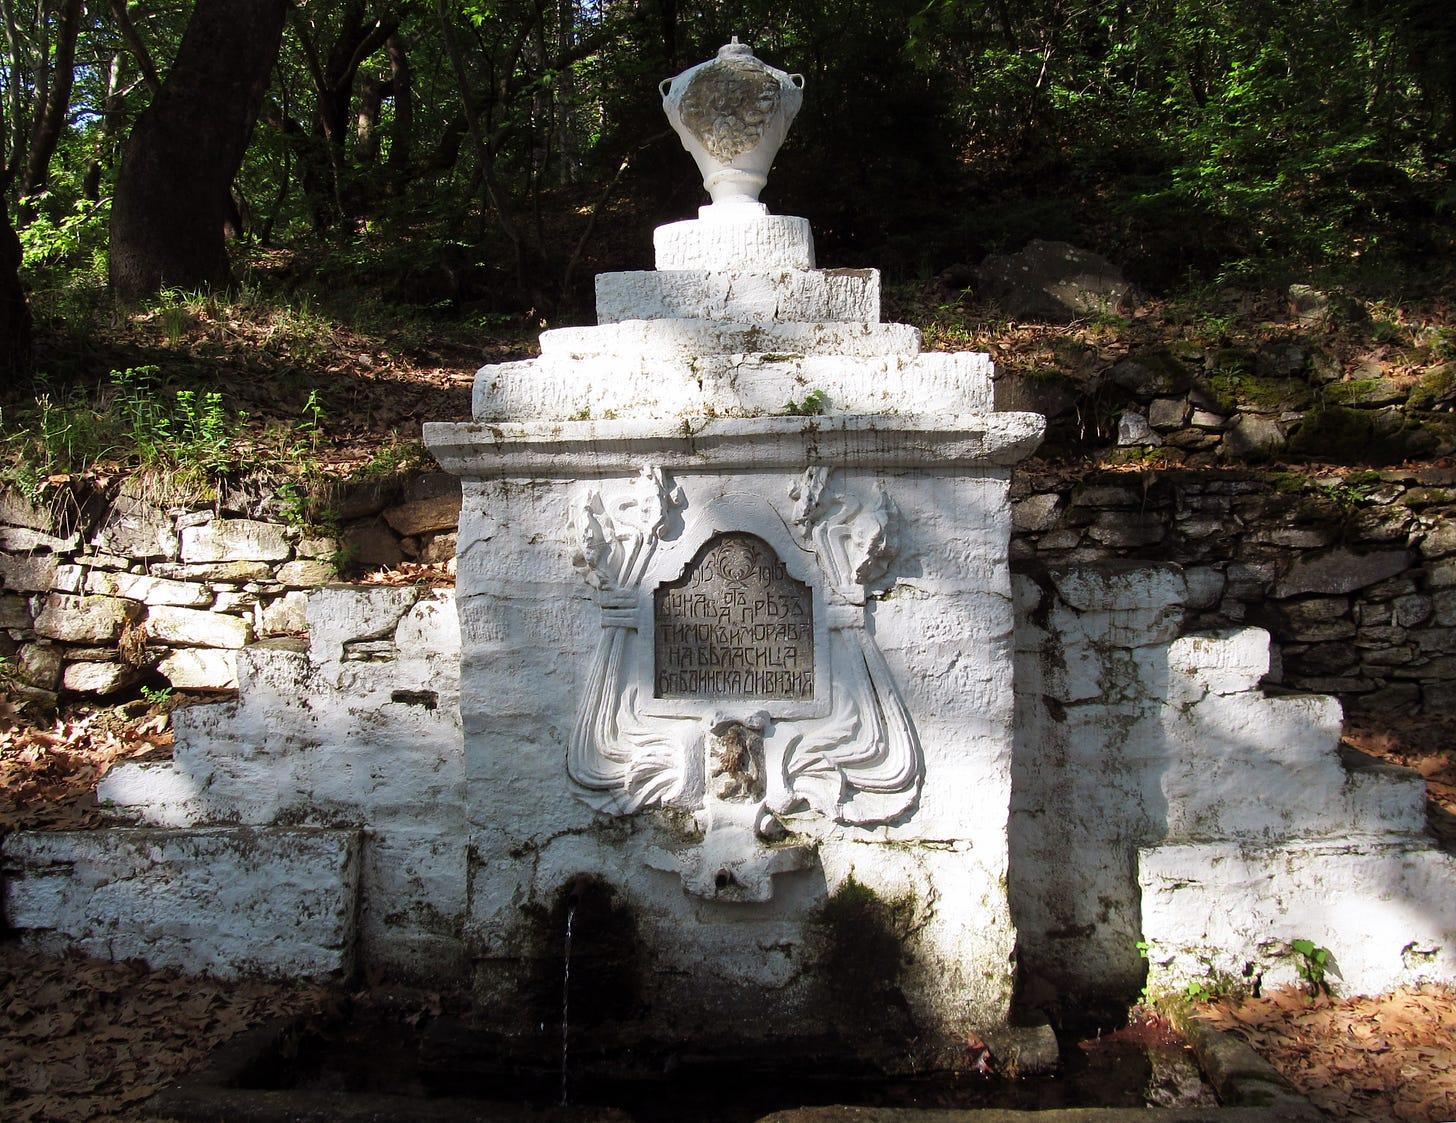 https://upload.wikimedia.org/wikipedia/commons/9/9e/Belata_cheshma_in_Samuilovo.jpg